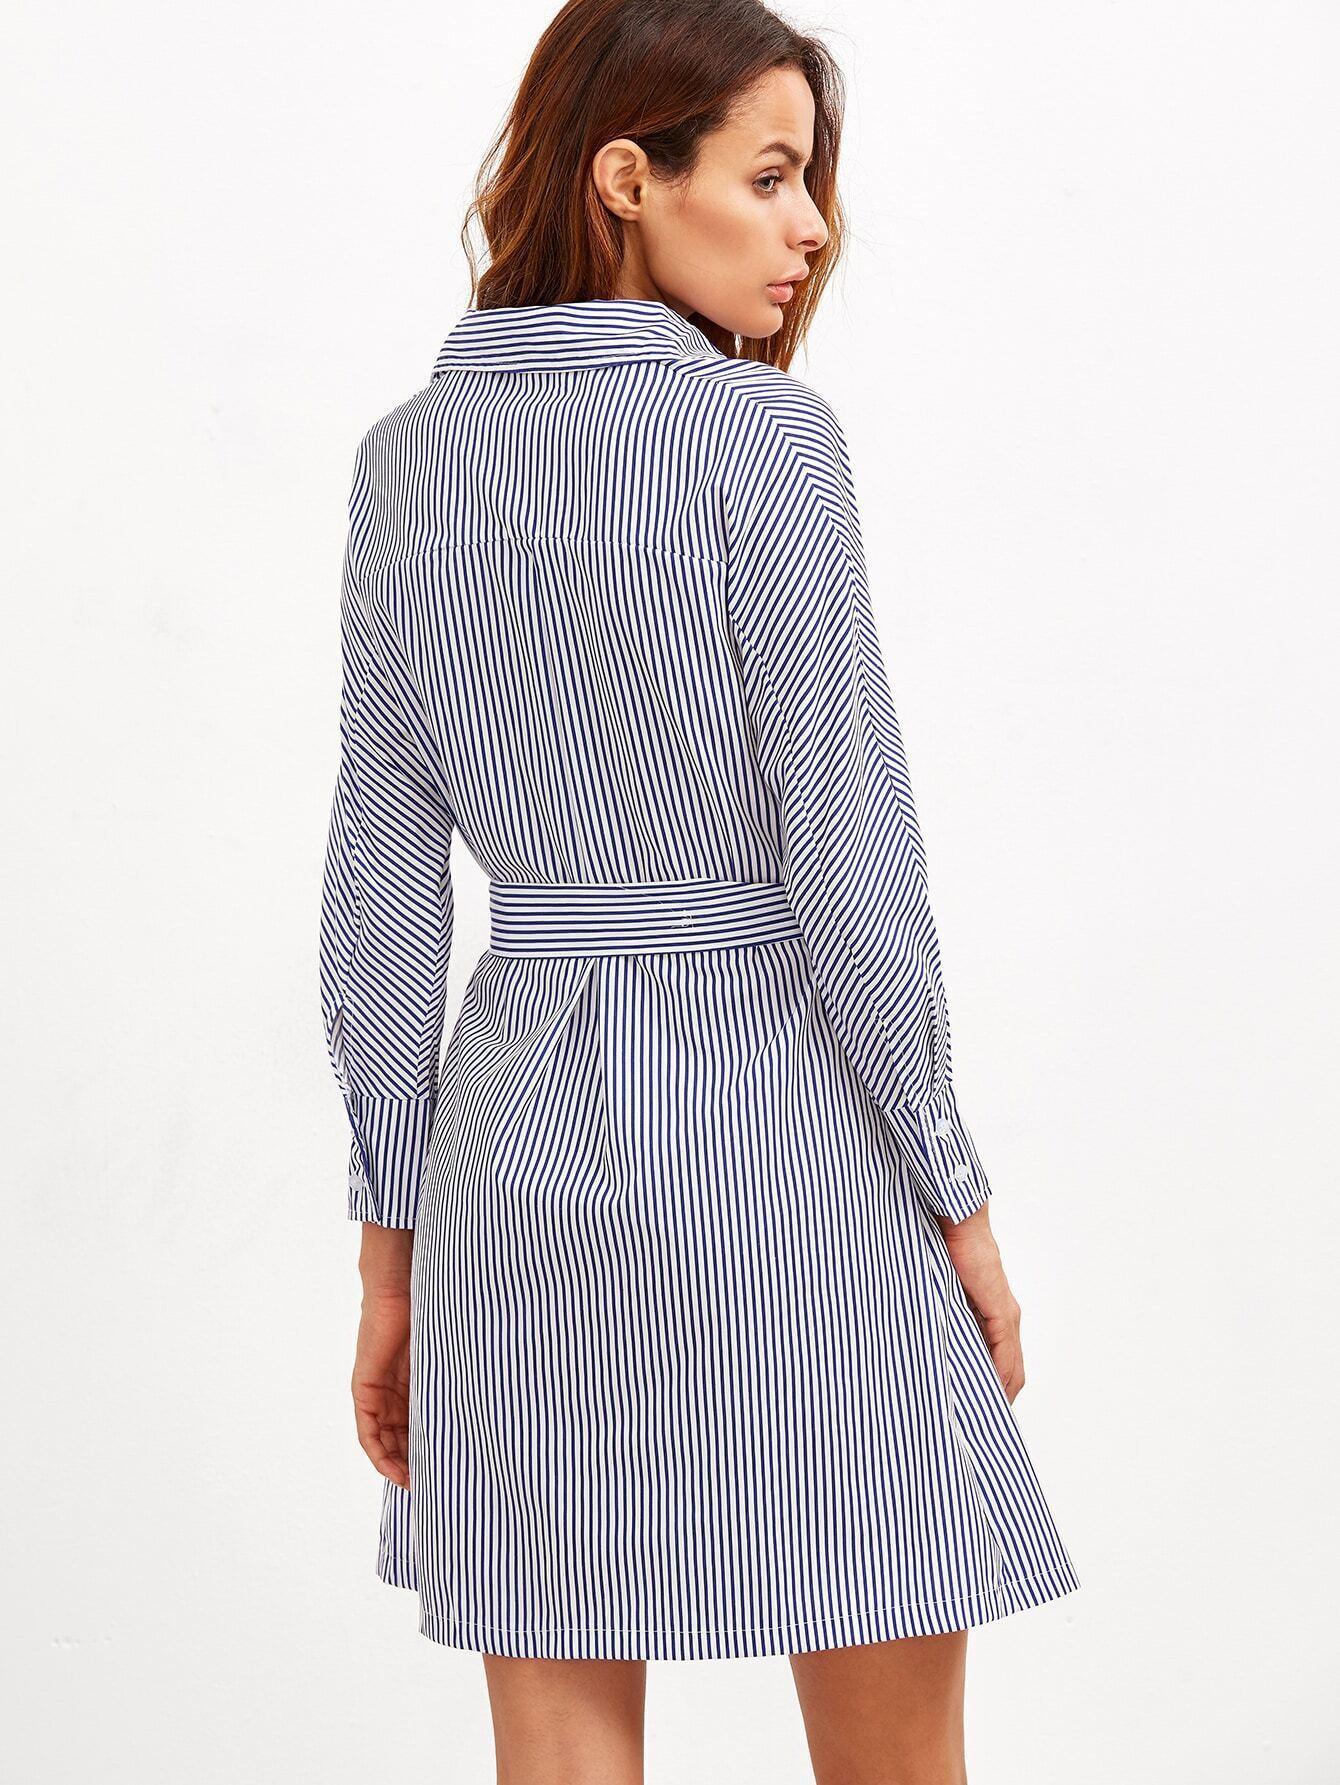 Vertical striped buttons shirt dress with belt shein for Vertical striped dress shirt